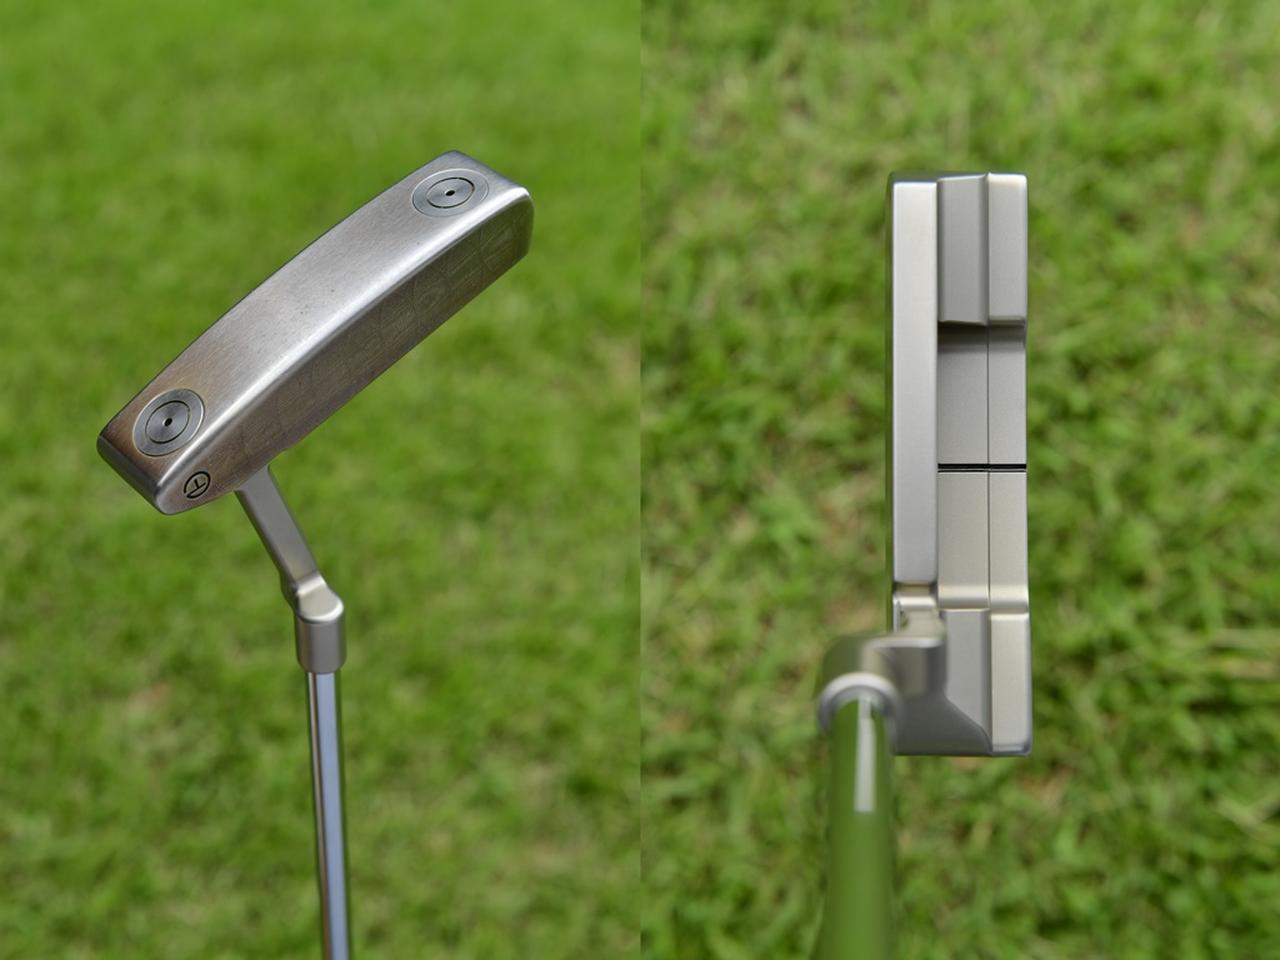 画像: スコッティキャメロン プロトタイプ 名匠スコッティ・キャメロンが小平のために自ら削ったヘッド。見た目は非常にシンプル(写真左)、ヘッドのエッジ部分がしっかり角ばっているため、スクェアに合わせやすい(写真右)